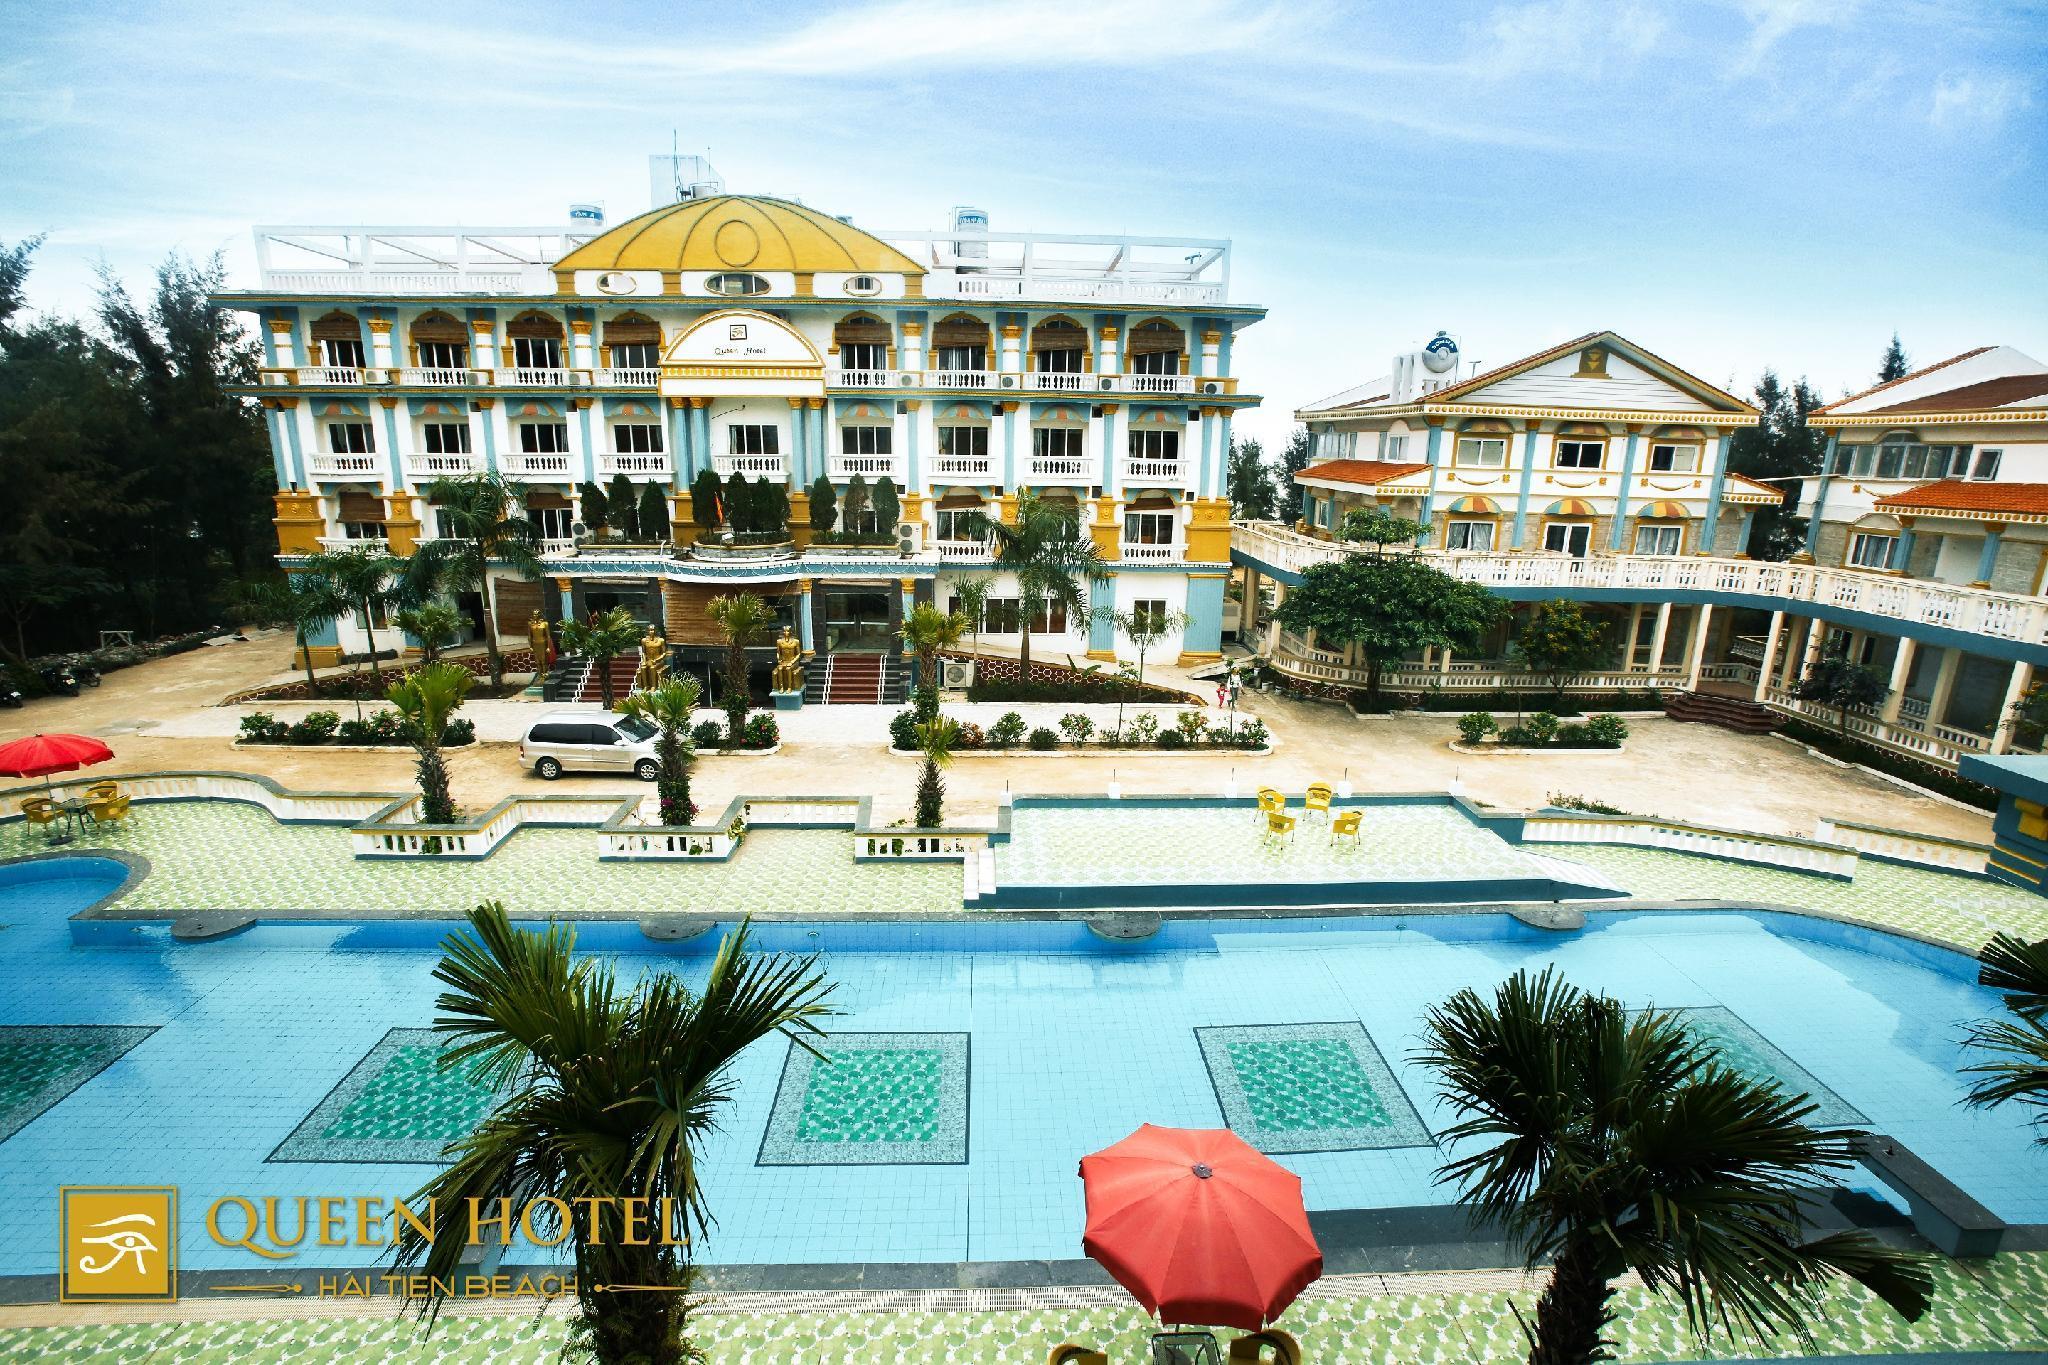 Queen Hotel Hai Tien, Hoằng Hóa